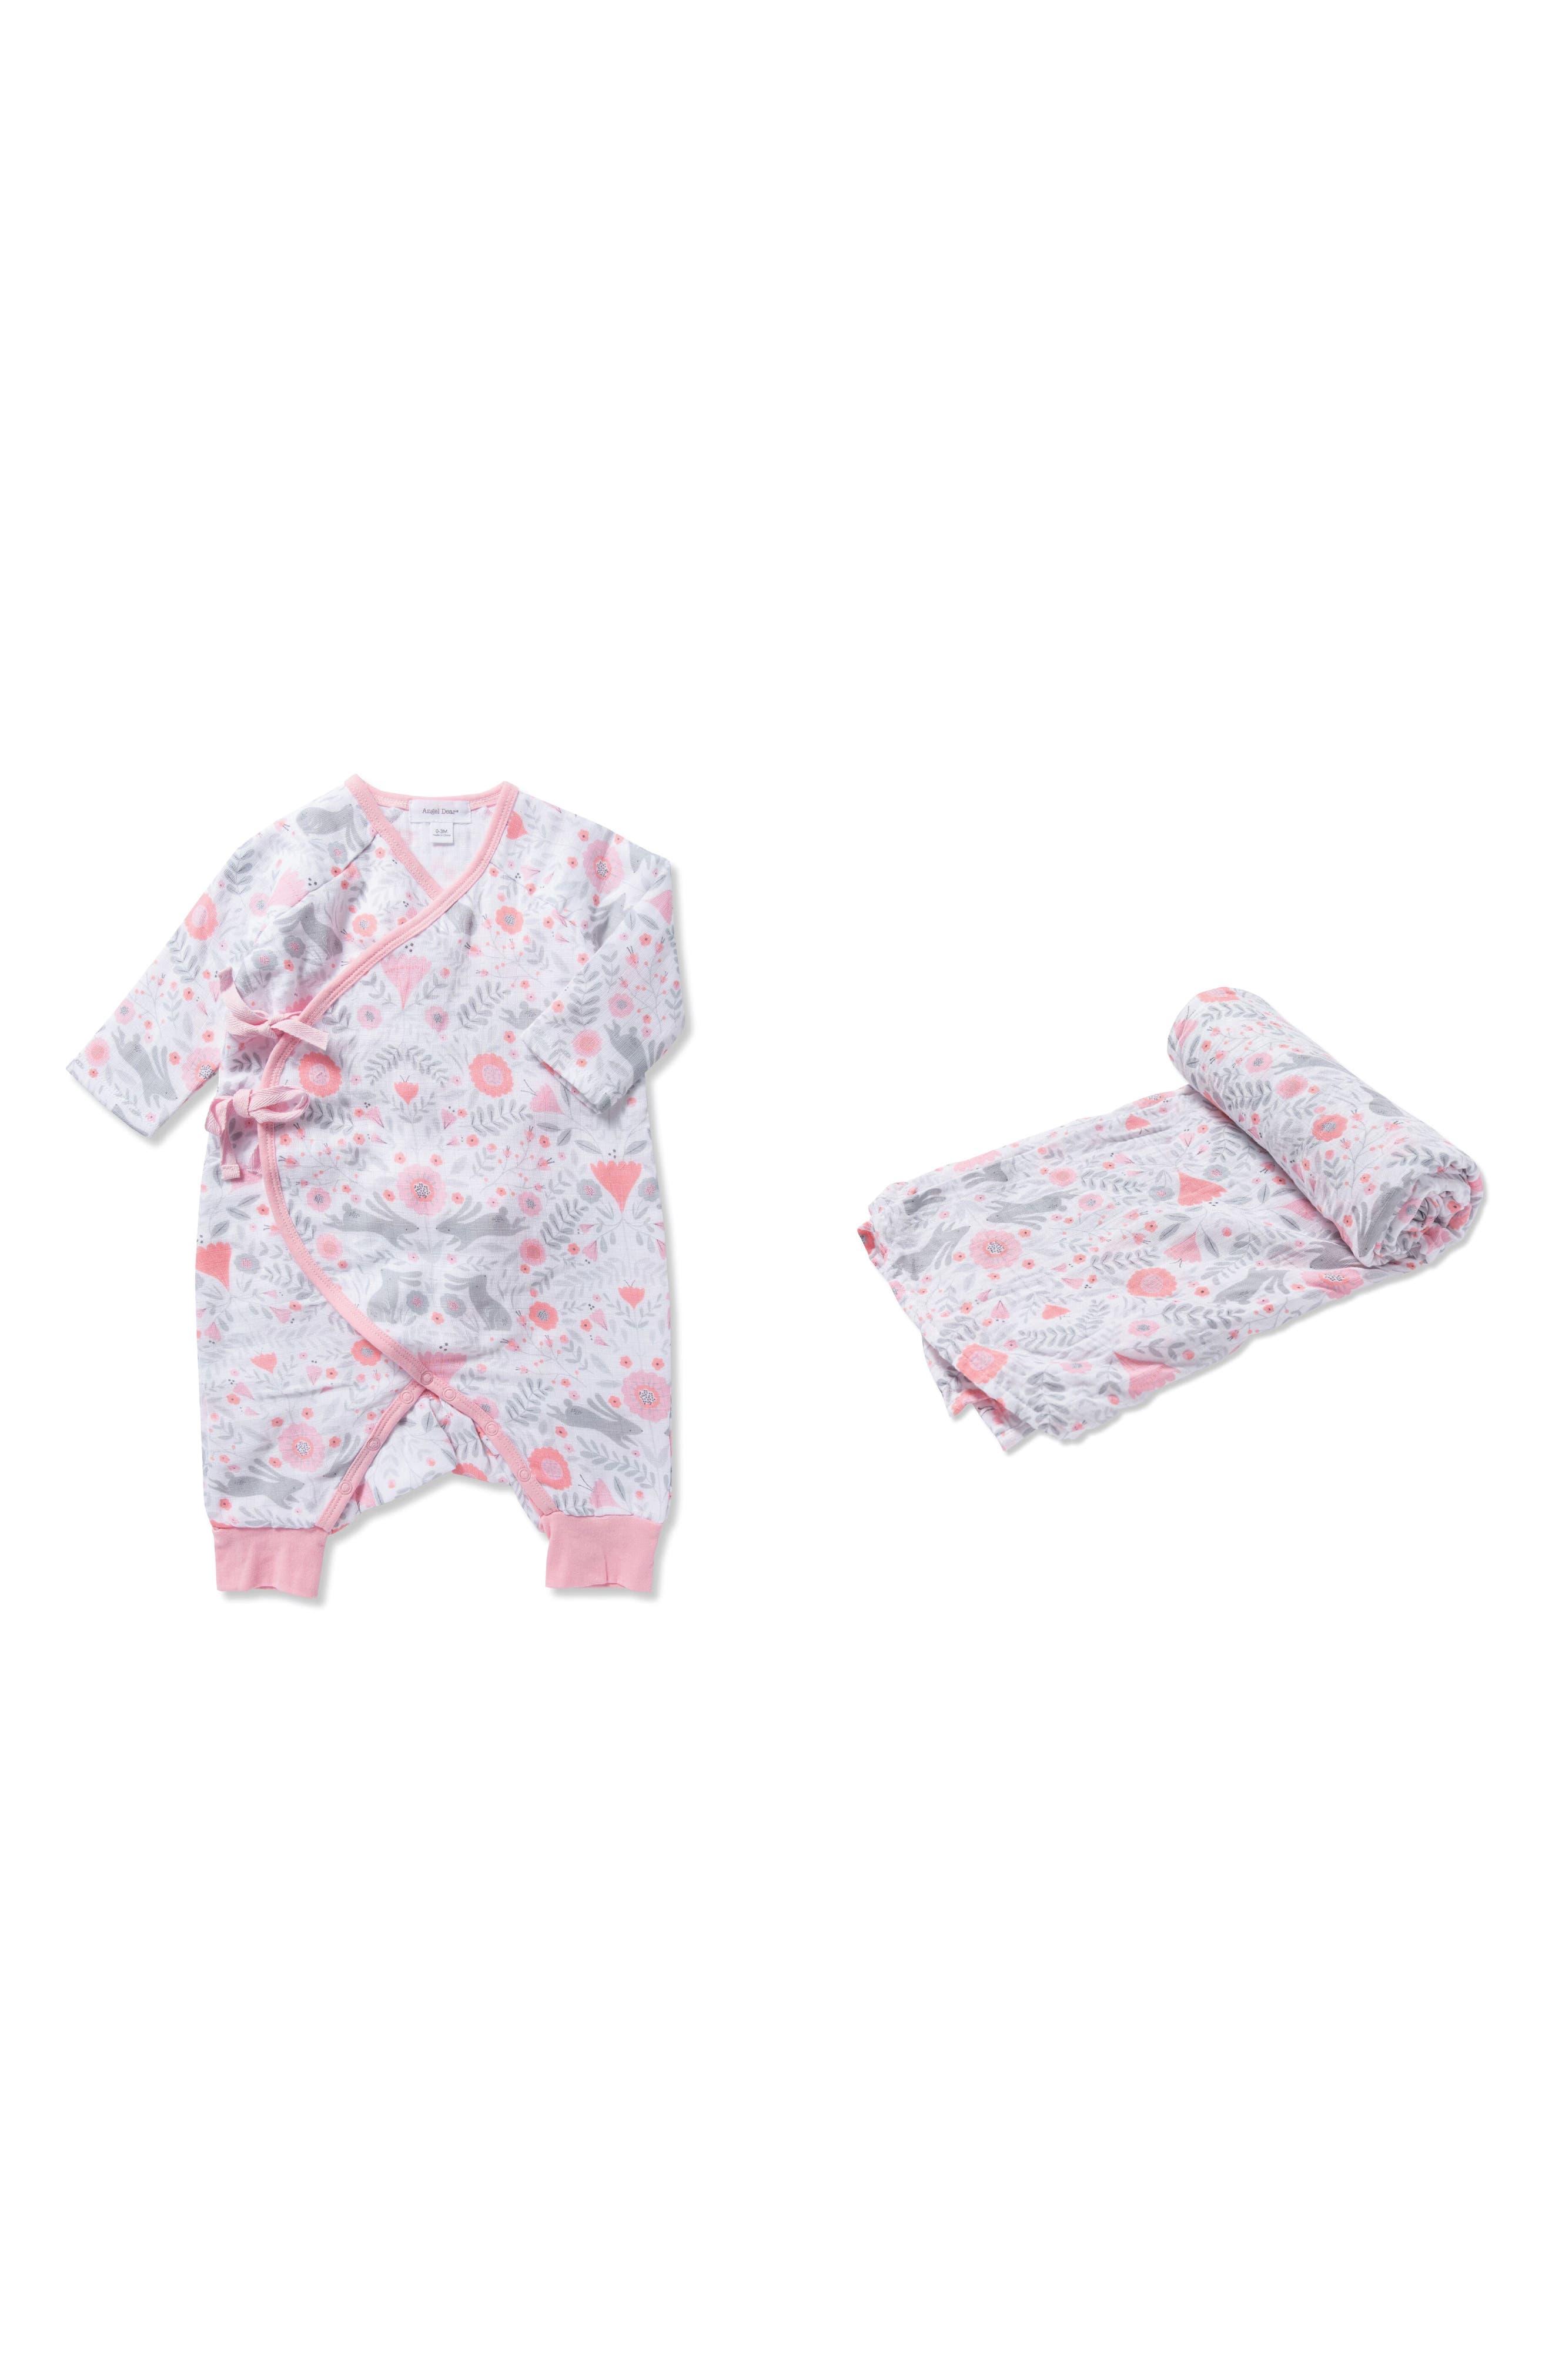 Bunny Print Romper & Swaddling Blanket Set,                         Main,                         color, Pink/ Grey